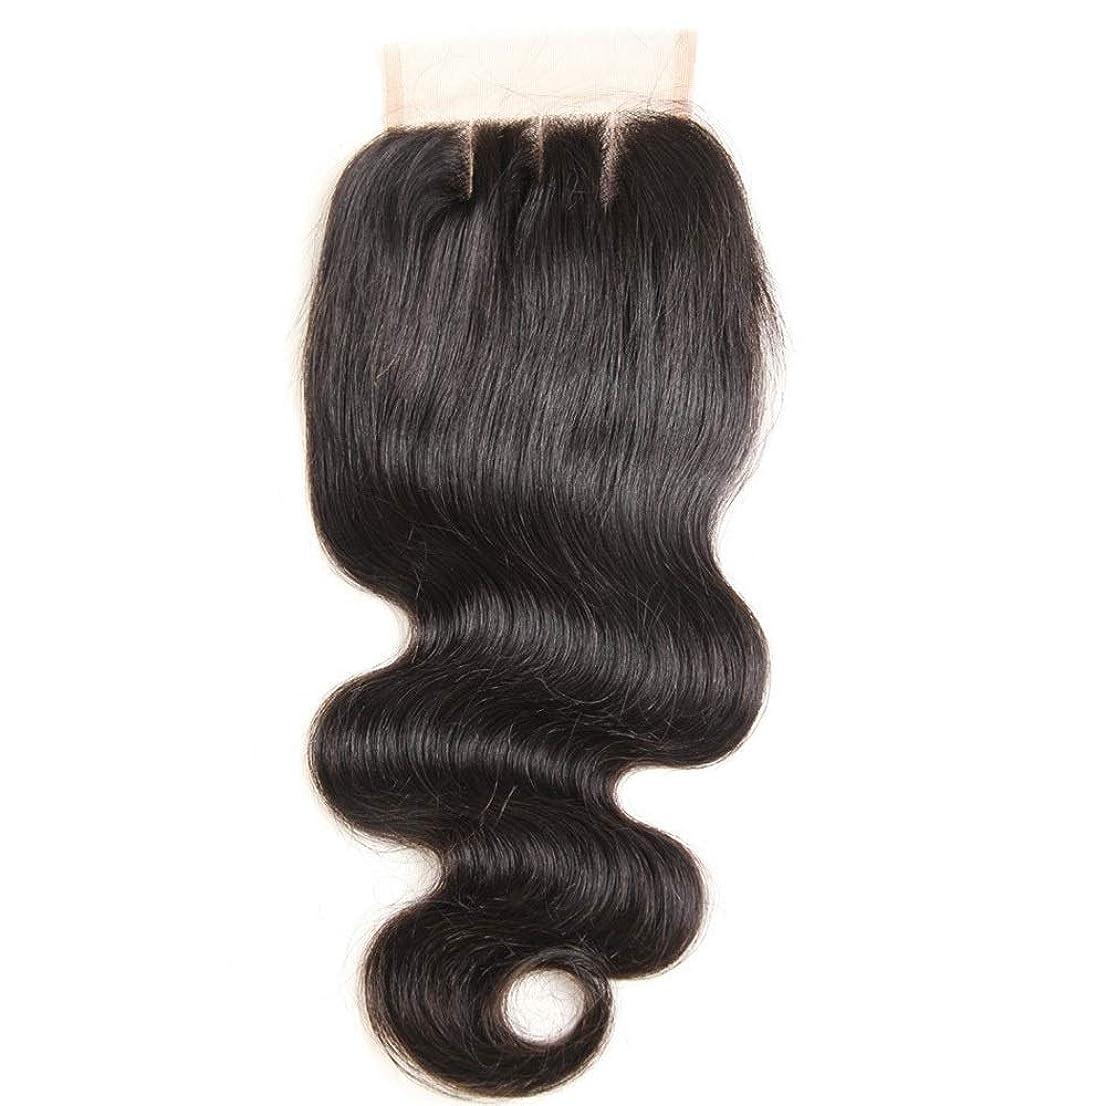 創造励起接続BOBIDYEE 耳に耳の前部閉鎖実体波ブラジルの人間の髪の毛4 * 4レース前頭閉鎖3パート用女性ロールプレイングかつら女性の自然なかつら (色 : 黒, サイズ : 20 inch)